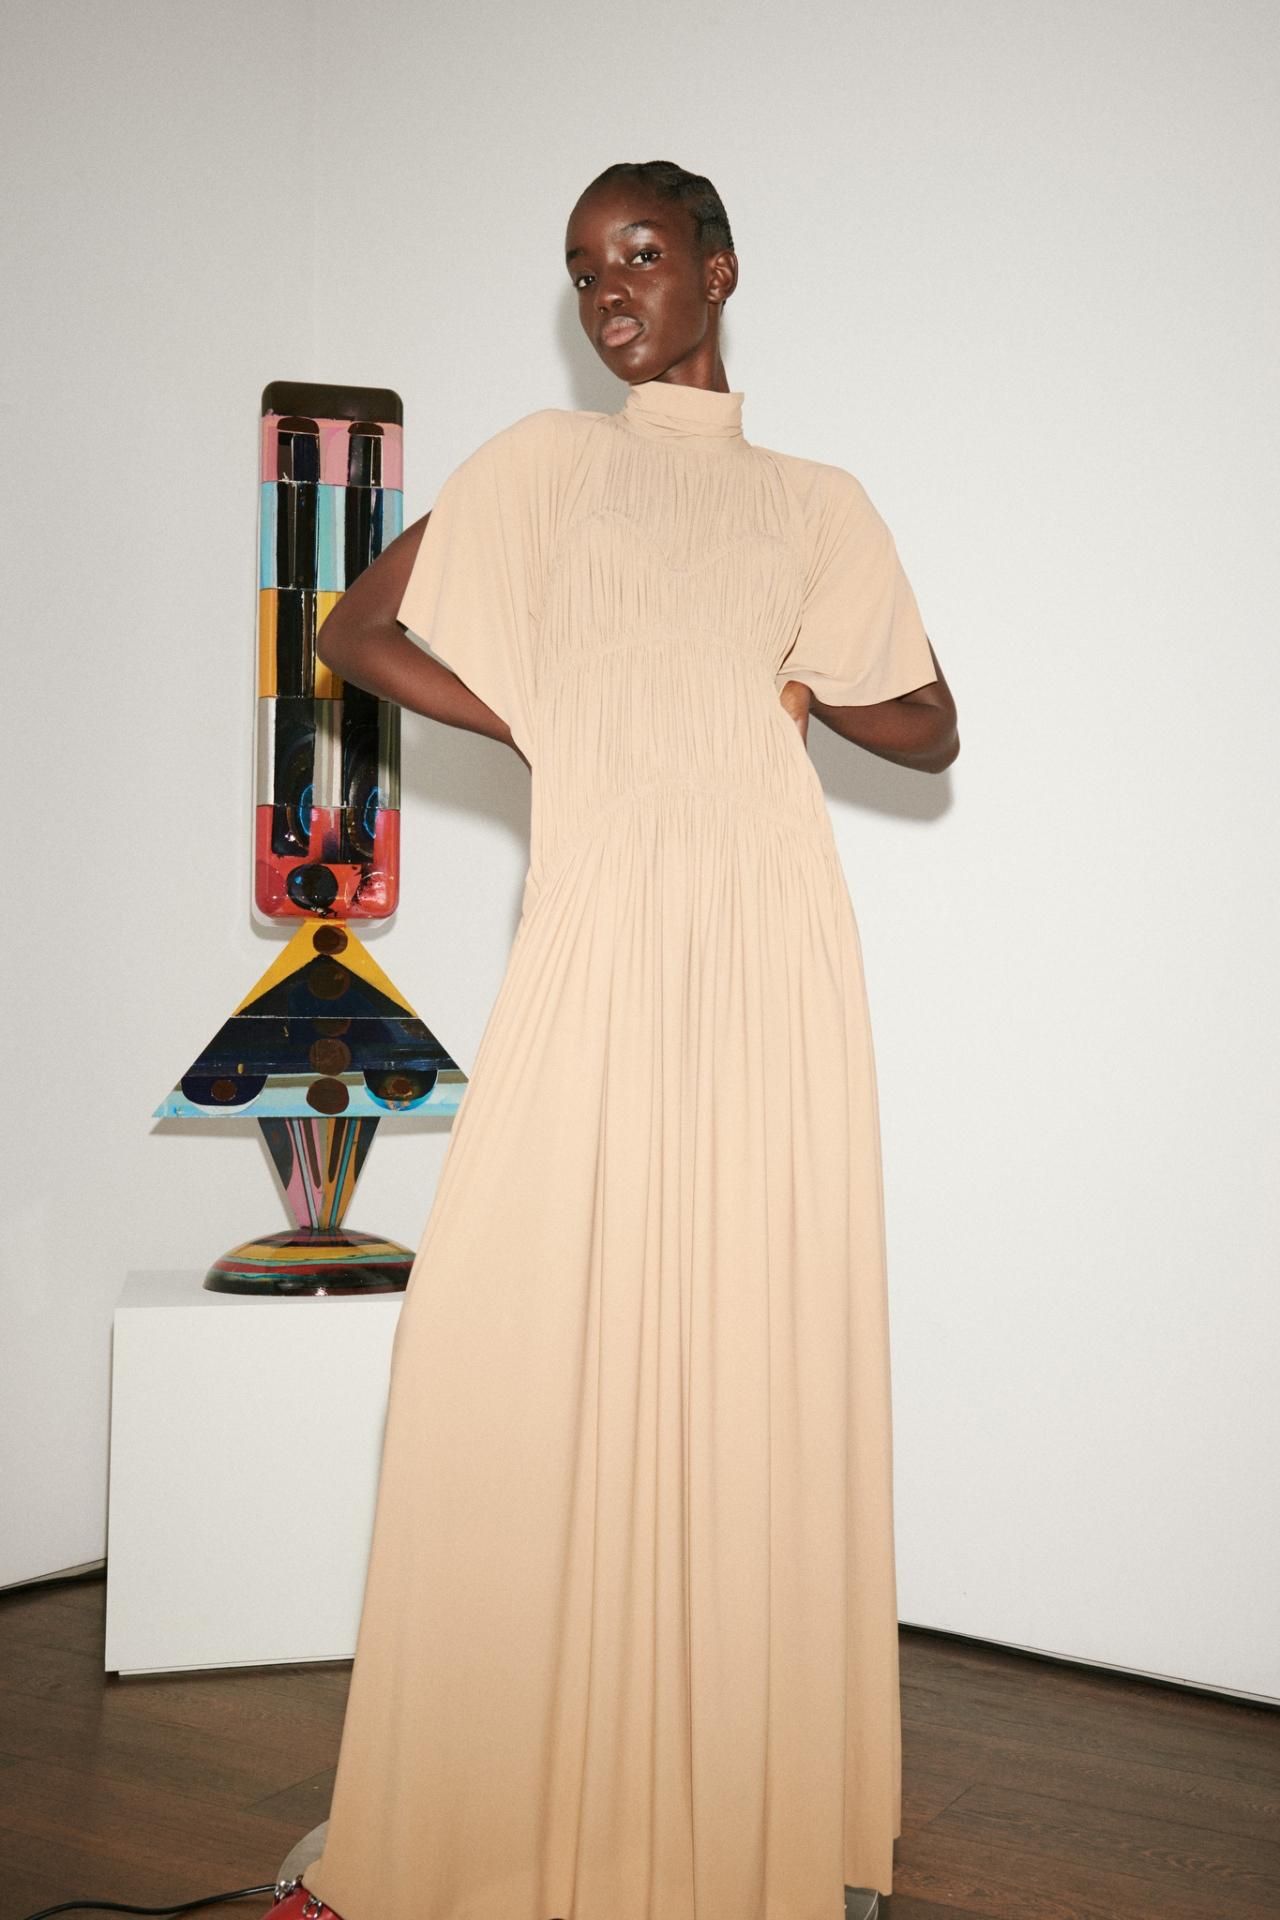 Безупречный стиль и яркие акценты: Виктория Бекхэм представила новую коллекцию (ФОТО) - фото №2